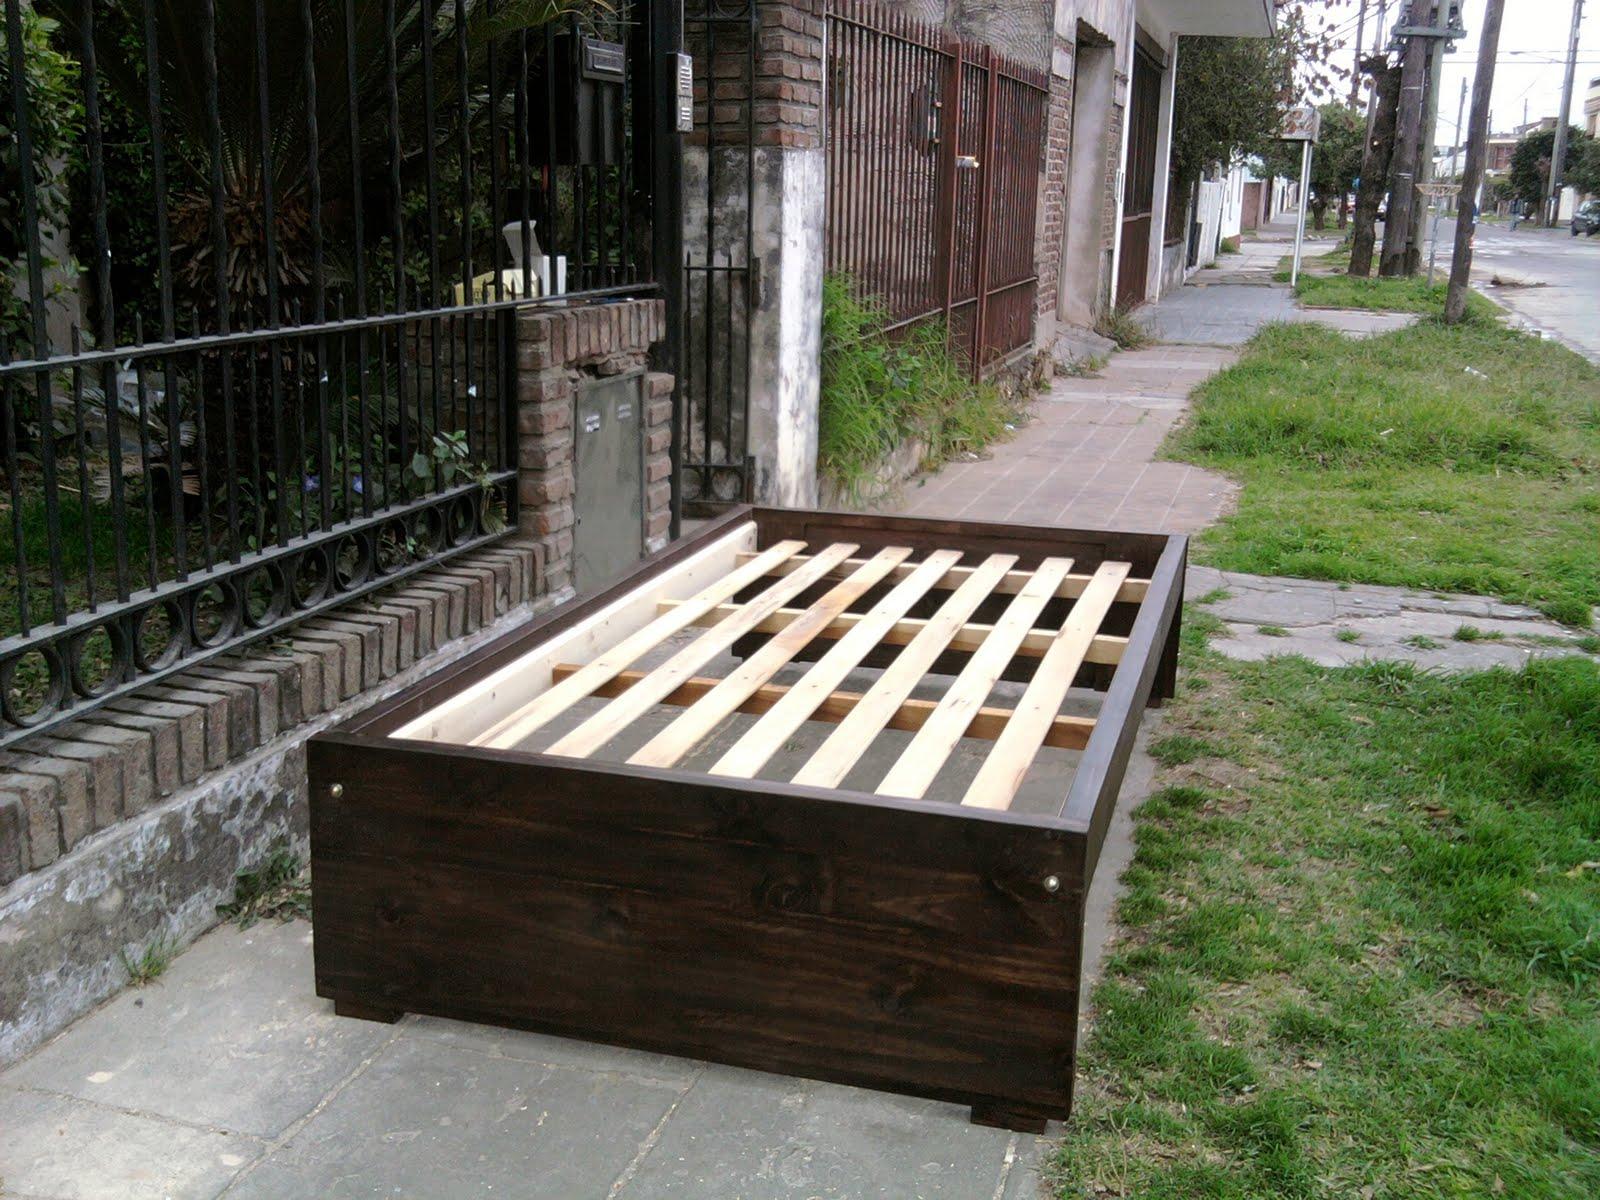 Jcl online muebles muebles a medida y estandarizados for Cama otomana